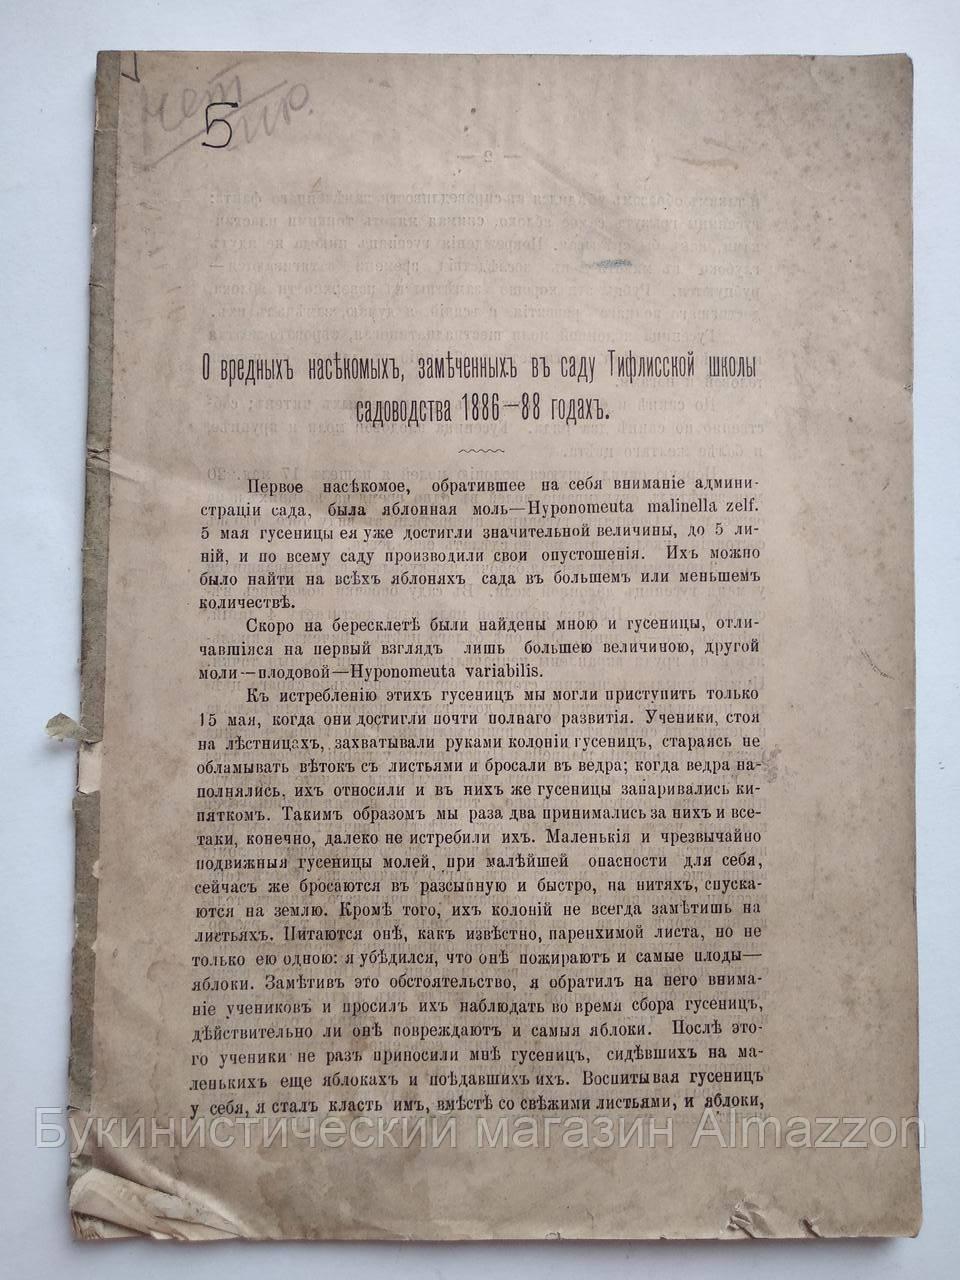 О вредных насекомых, замеченных в саду Тифлисской школы садоводства 1886-88 годах. Оттиск